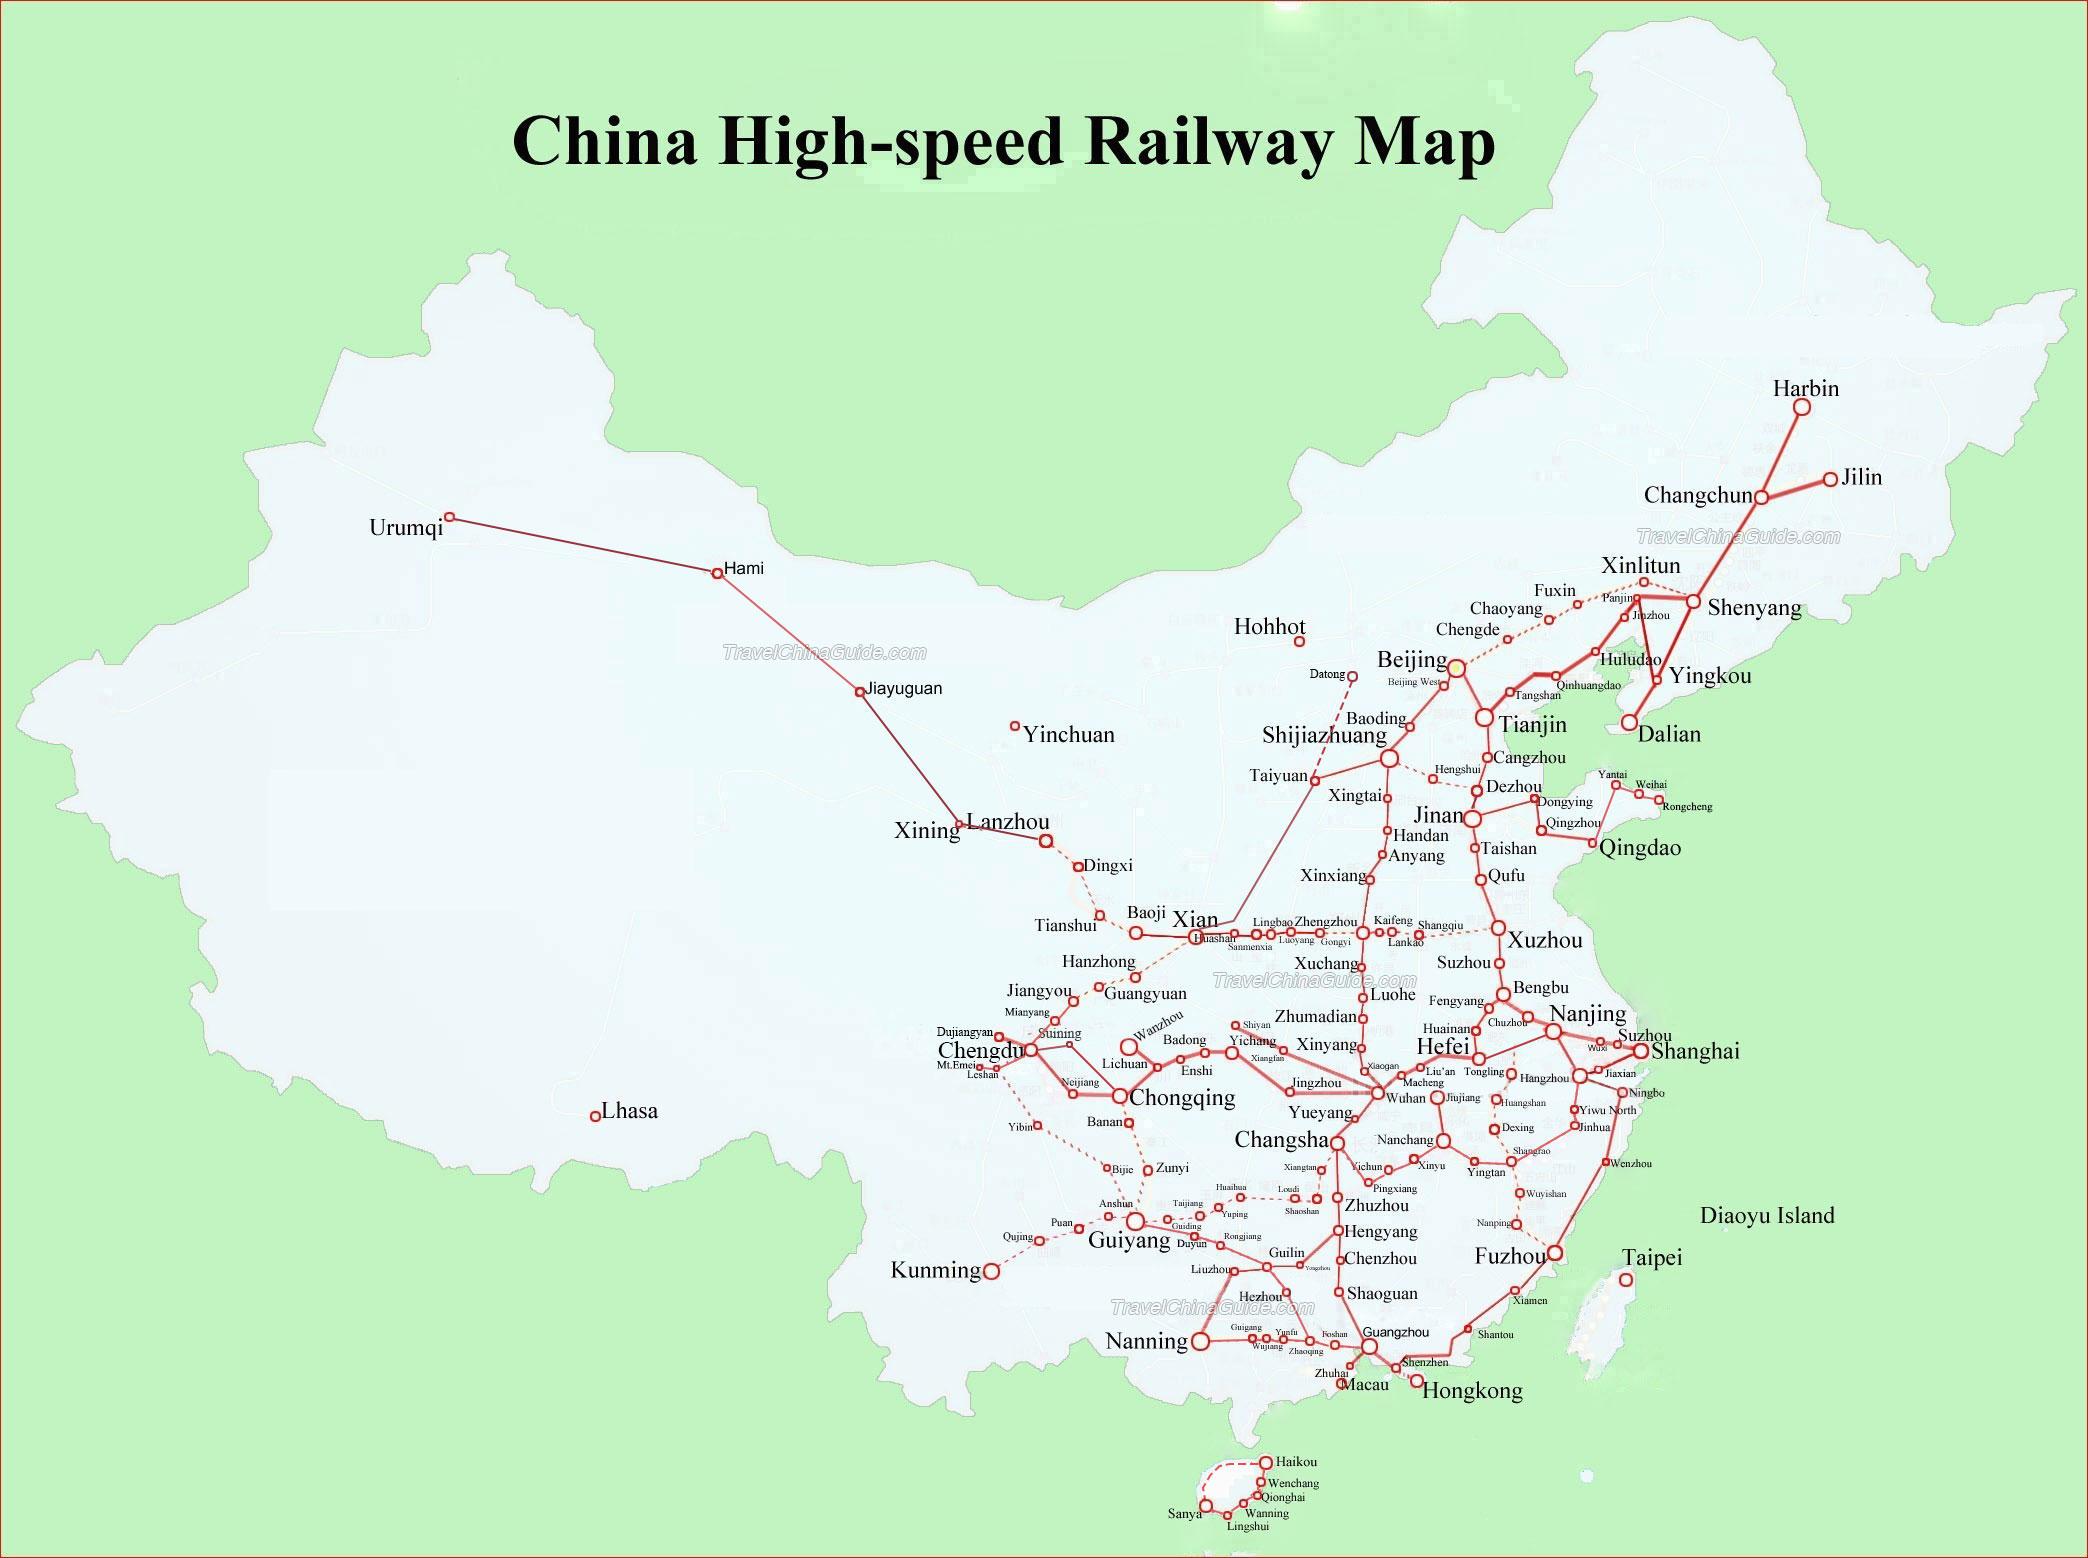 京津高铁延伸线地图 贵广高铁正式通车时间 2015高铁通车线路图